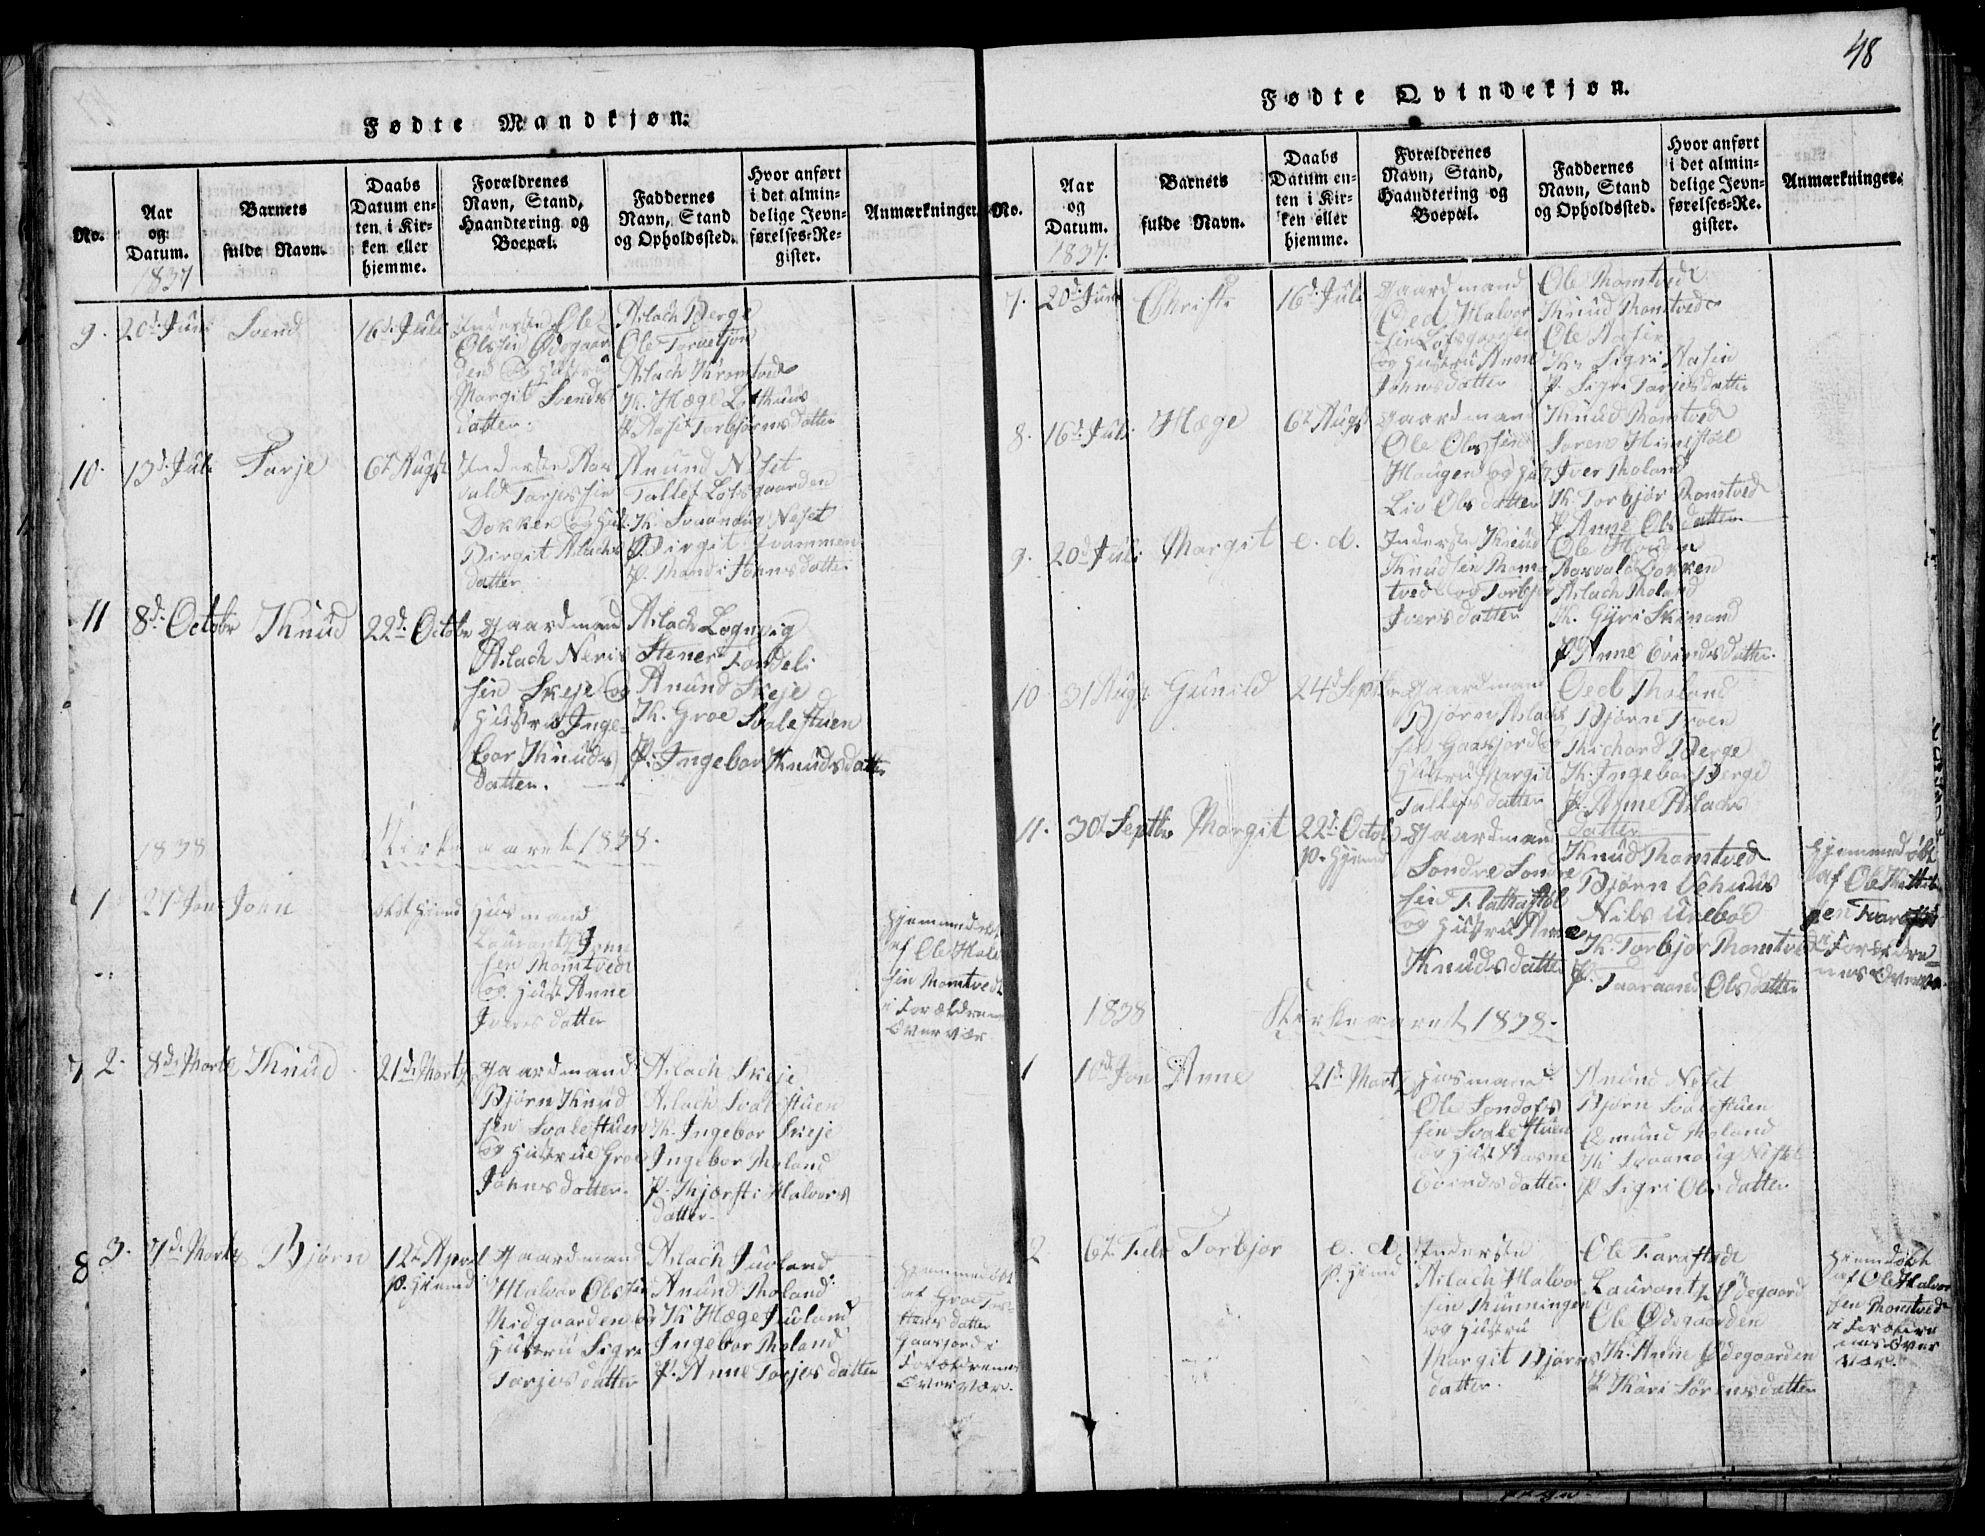 SAKO, Rauland kirkebøker, G/Ga/L0001: Klokkerbok nr. I 1, 1814-1843, s. 48